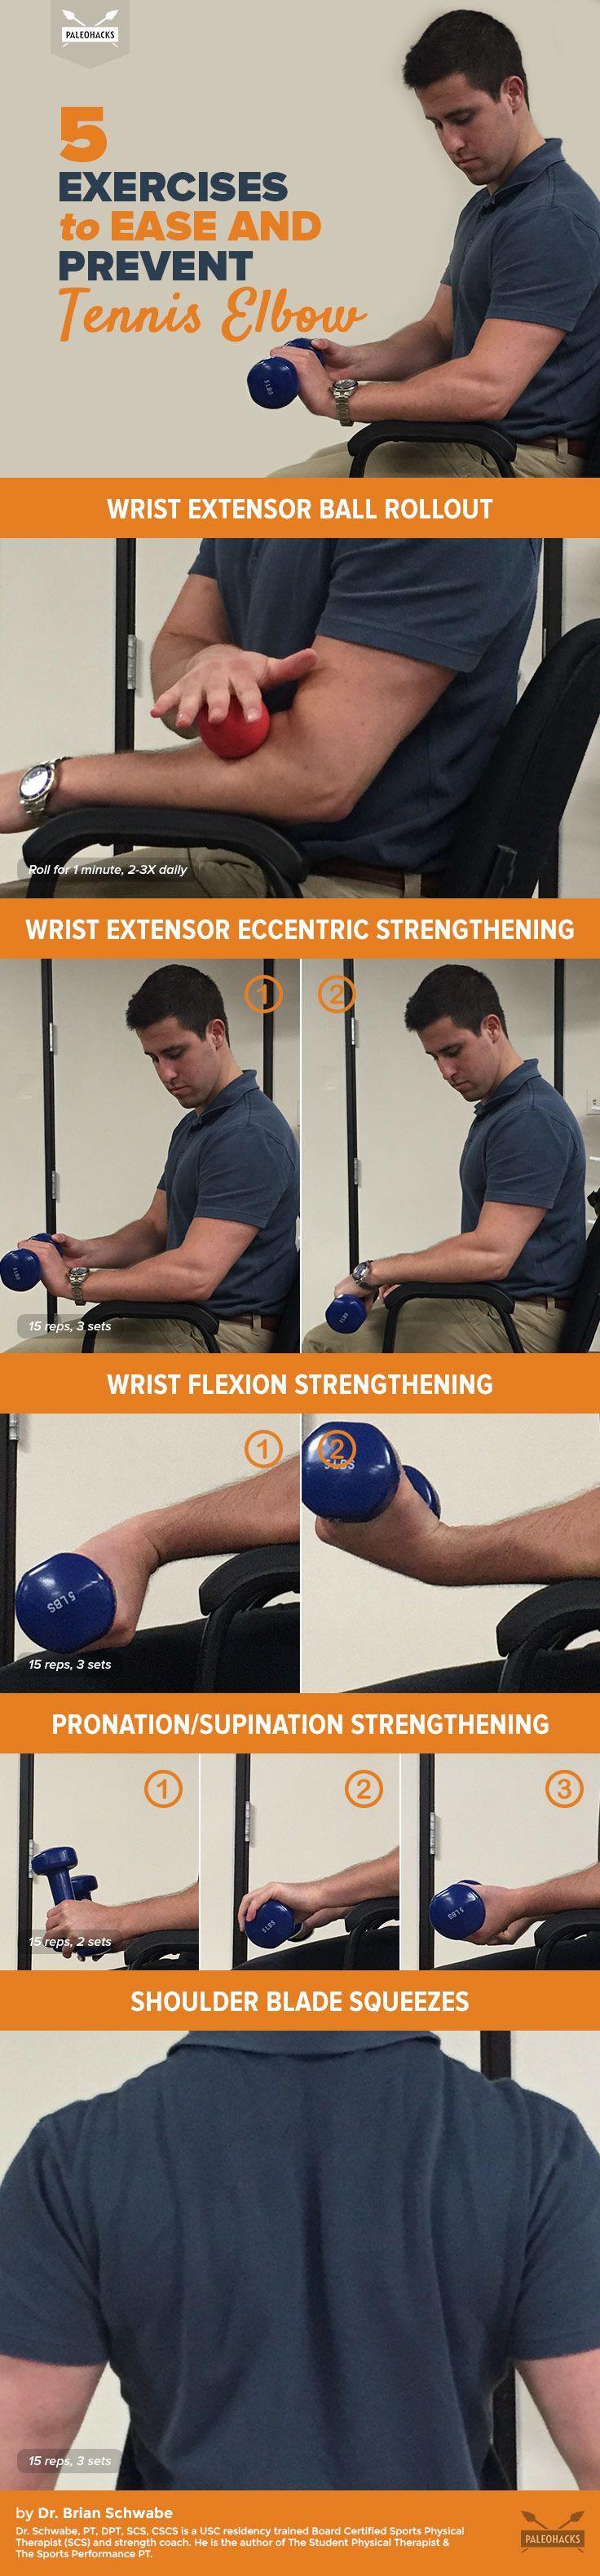 5 Exercises To Treat Tennis Elbow Tennis Elbow Tennis Elbow Exercises Elbow Exercises